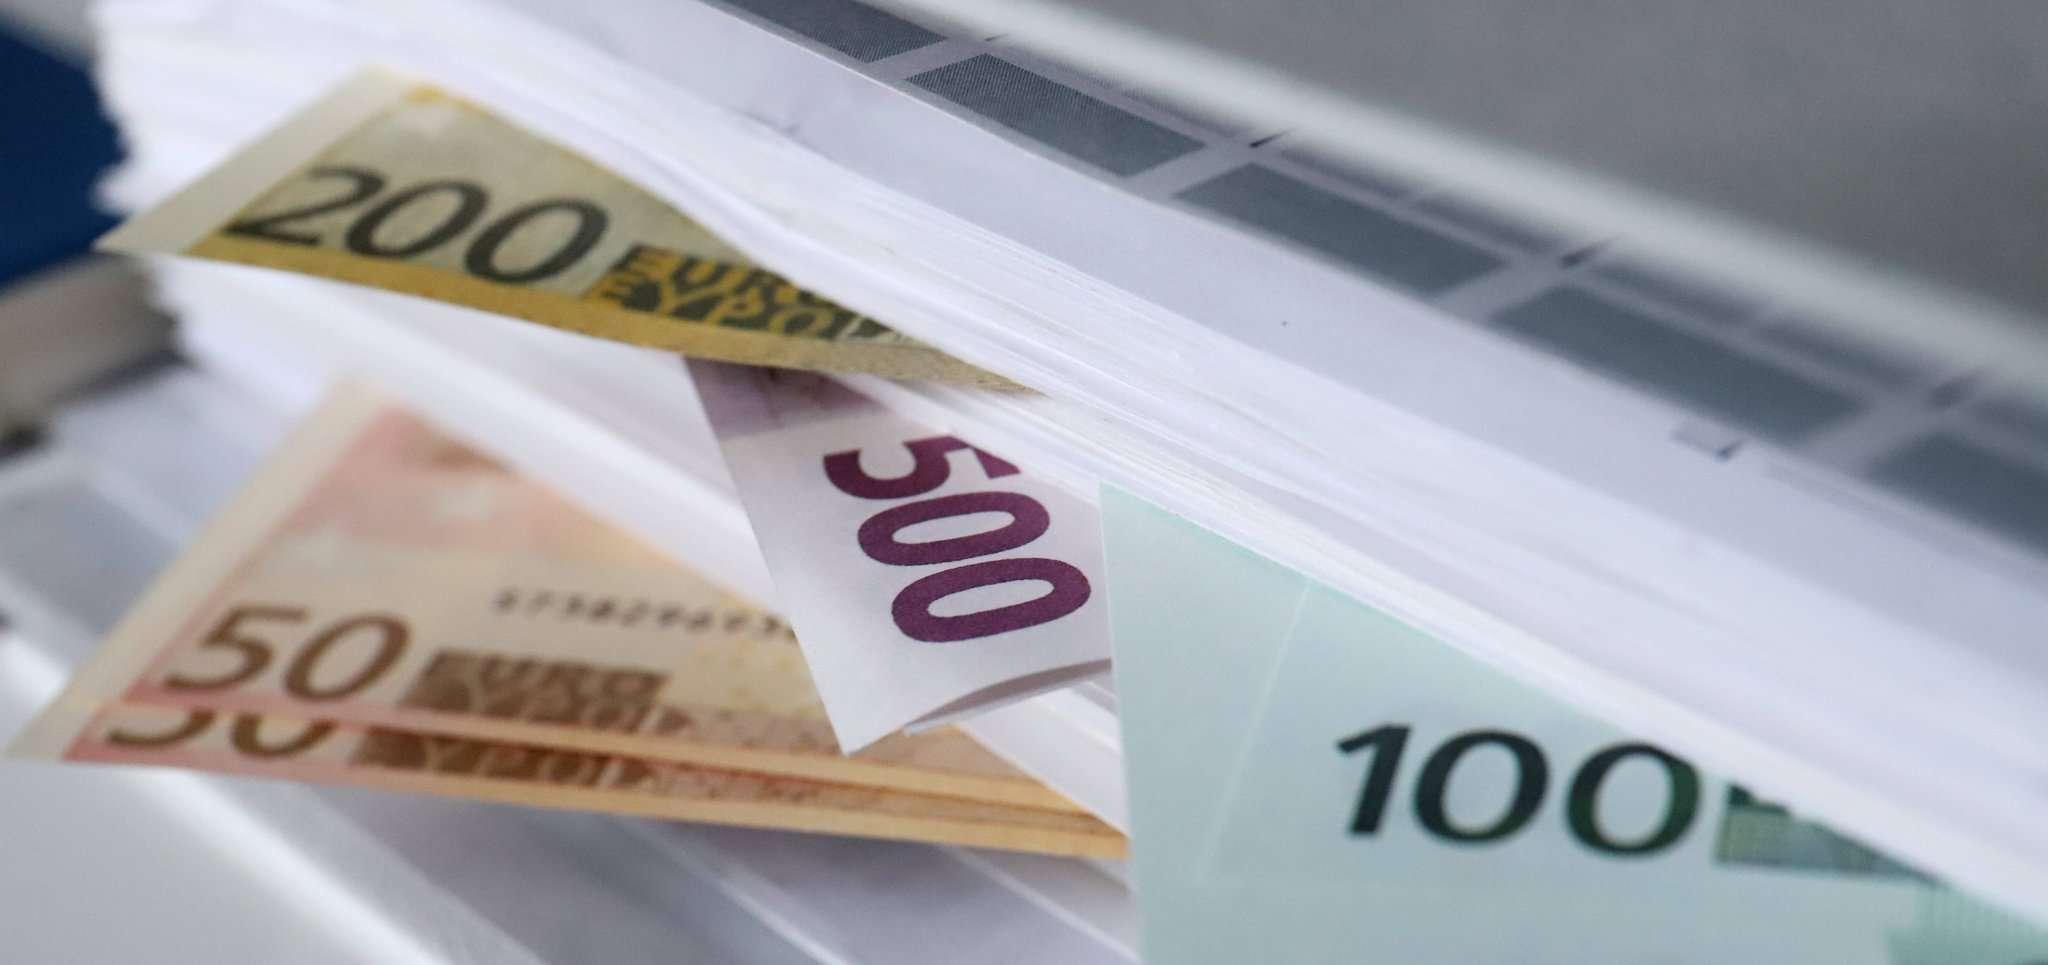 Auch die Reduzierung der Kreisumlage um 2,5 Prozentpunkte führt dazu, dass der Haushalt der Stadt Rotenburg für das Jahr 2021 nach defizitärer Prognose nun ein leichtes Plus aufweist.